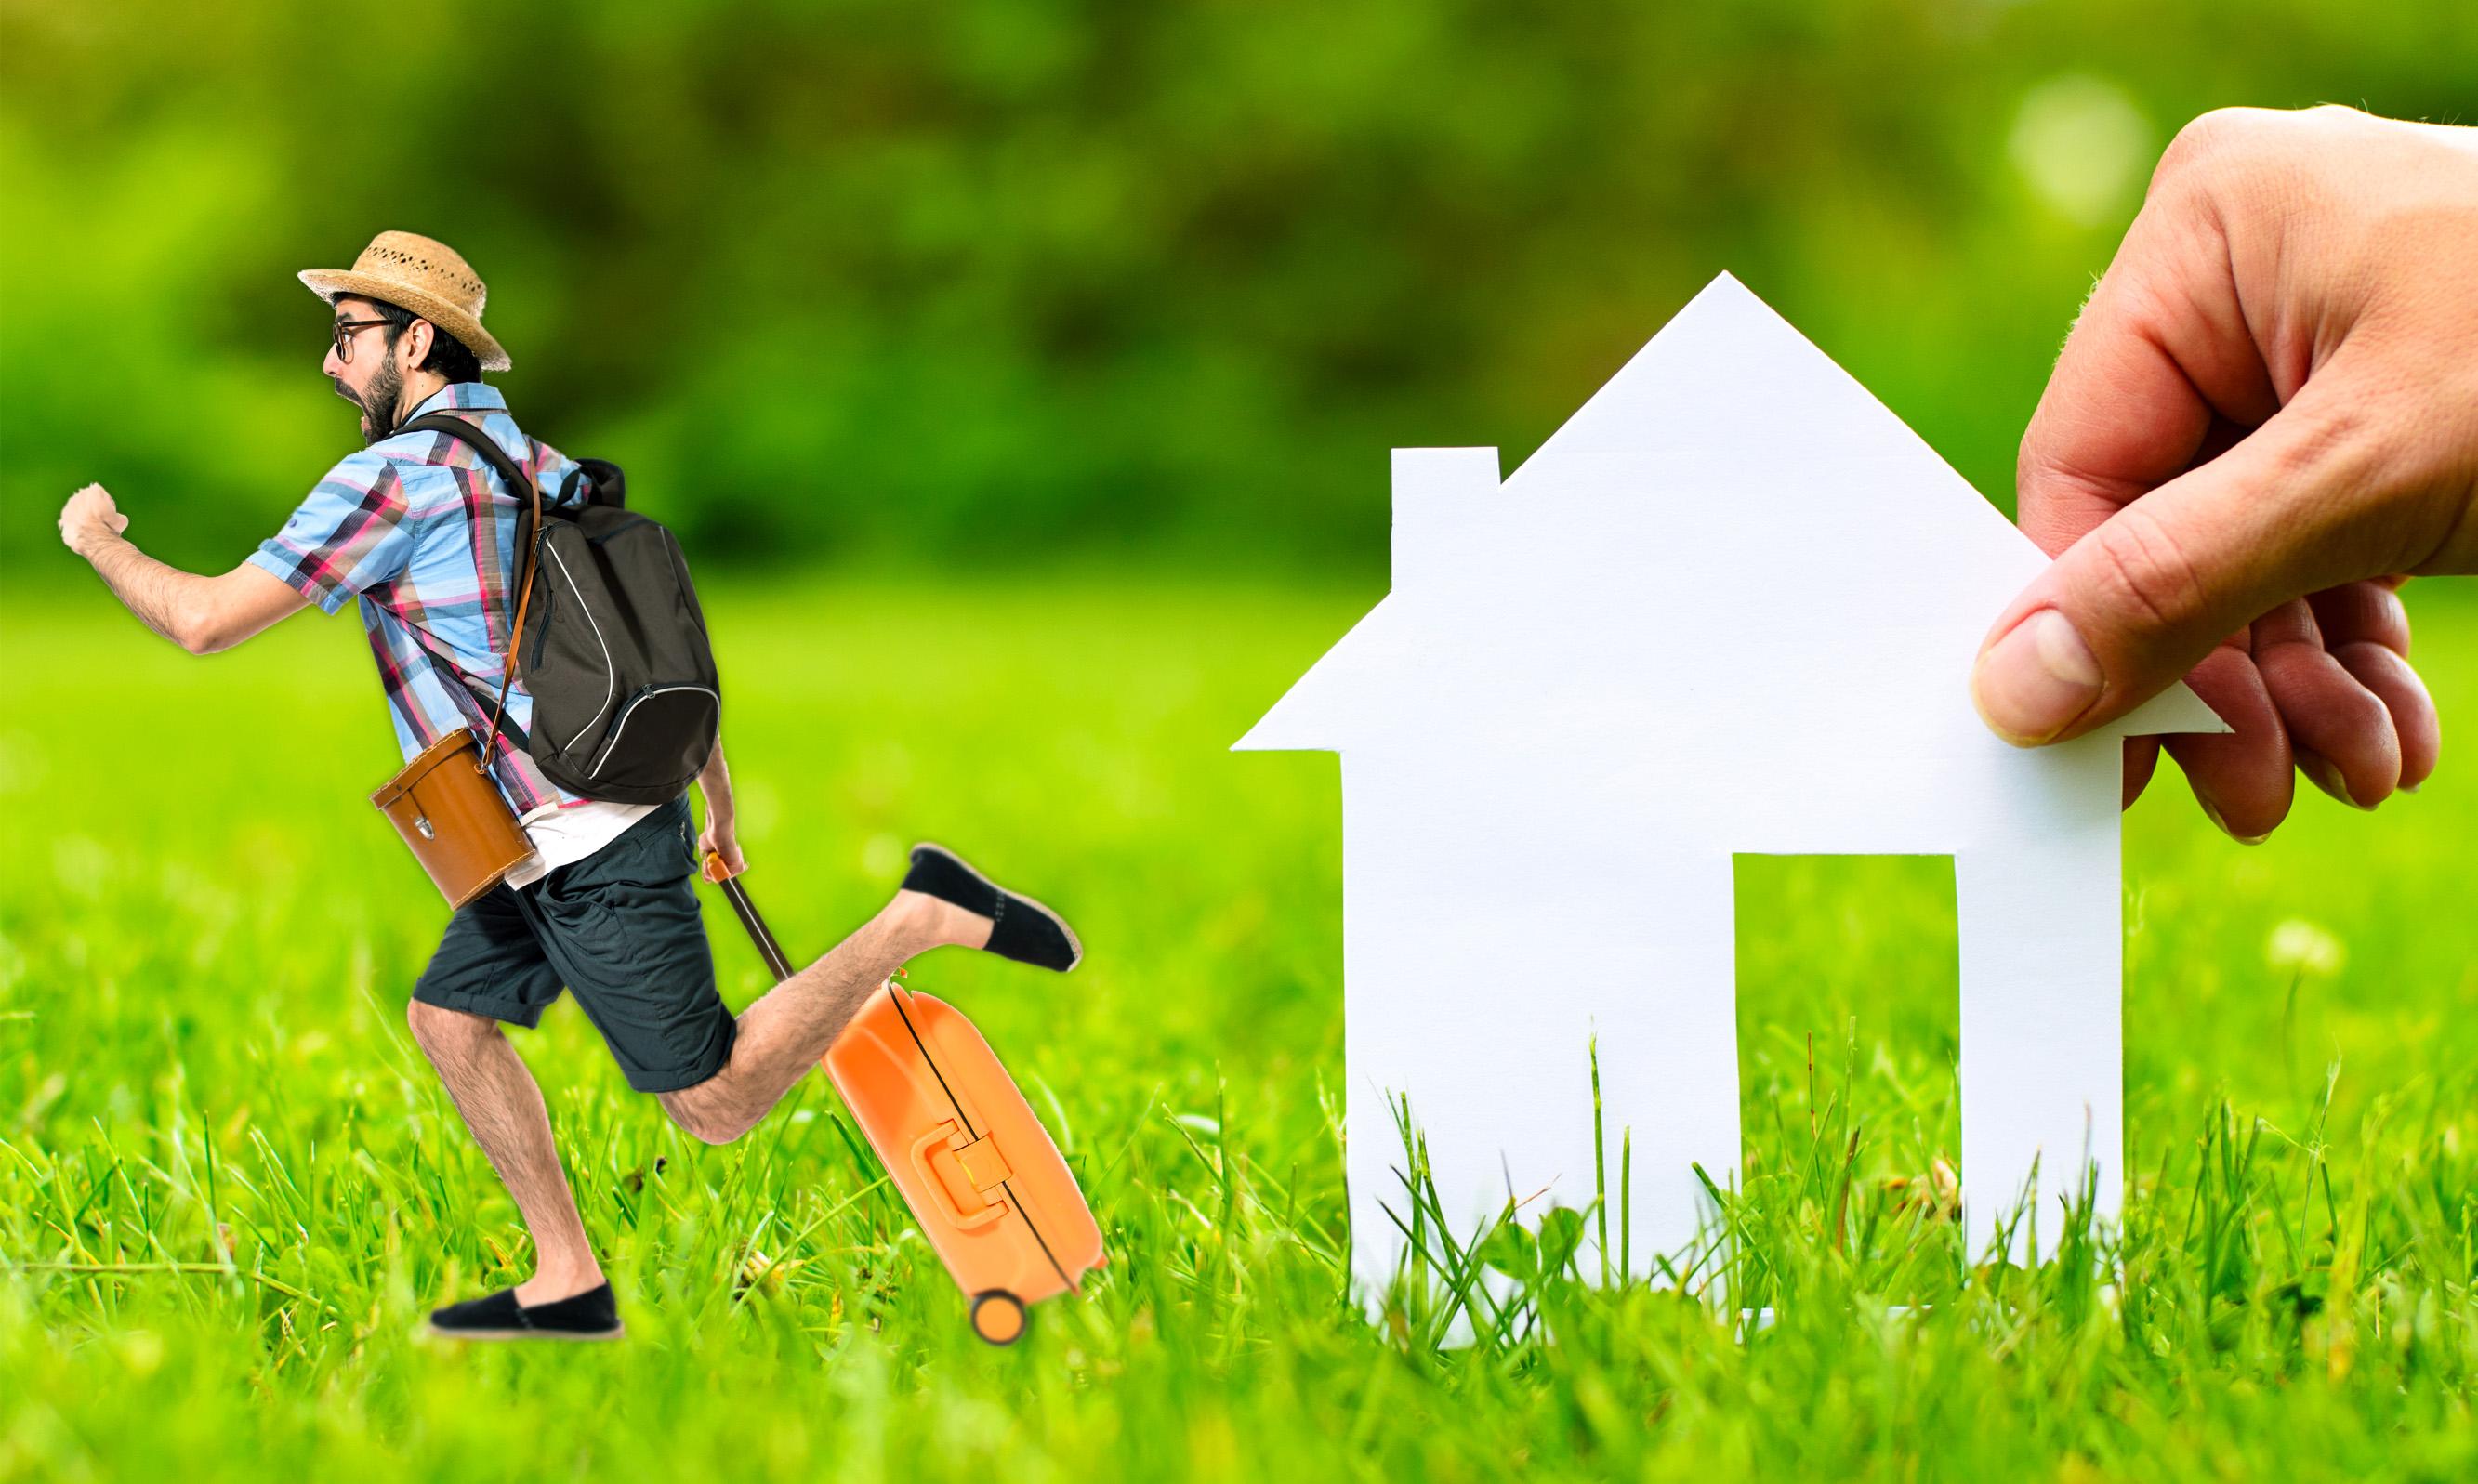 چرا جوانان امروز سفر کردن را بر خانه خریدن تریح می دهند